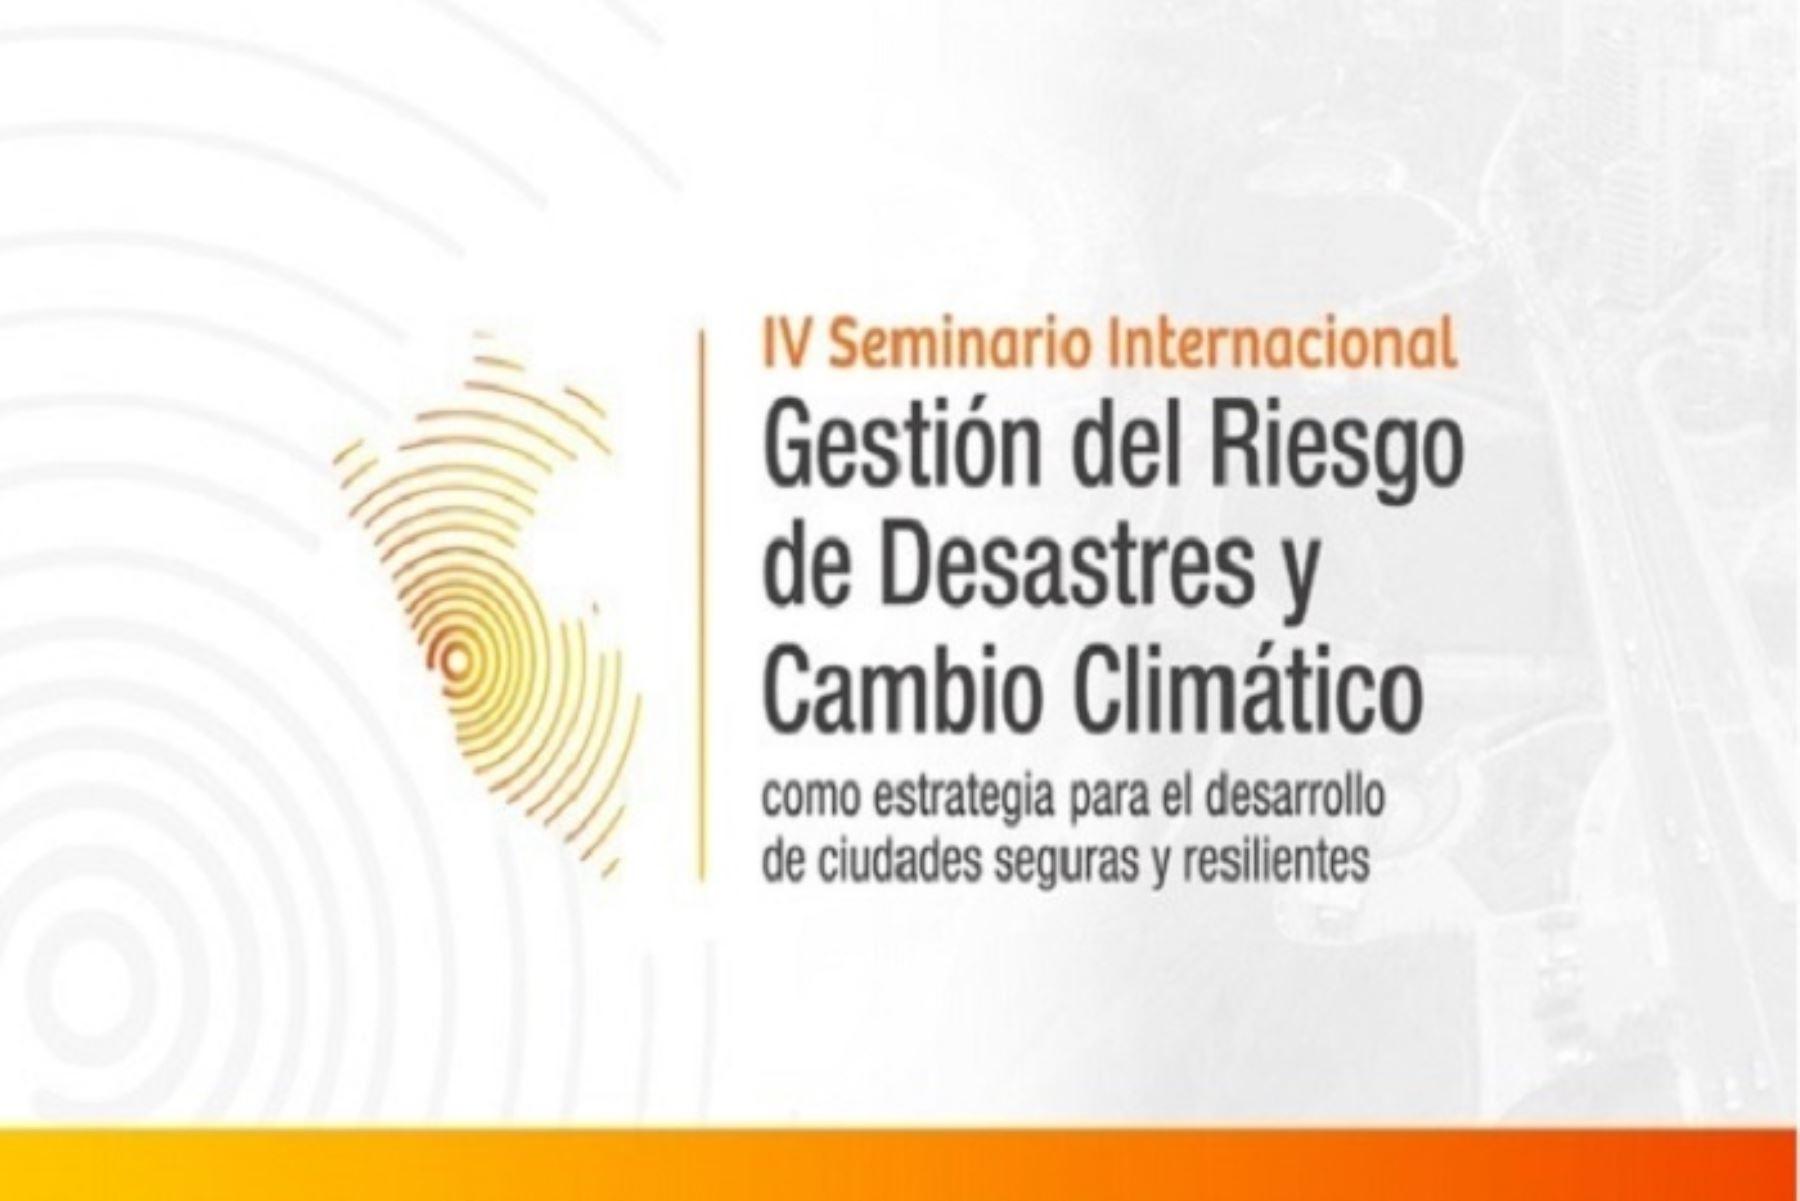 En este evento internacional se rendirá homenaje póstumo al ingeniero Julio Kuroiwa Horiuchi, quien en los últimos 40 años desarrolló investigaciones en el campo de la gestión del riesgo de desastres en el Perú y en países de Latinoamérica.